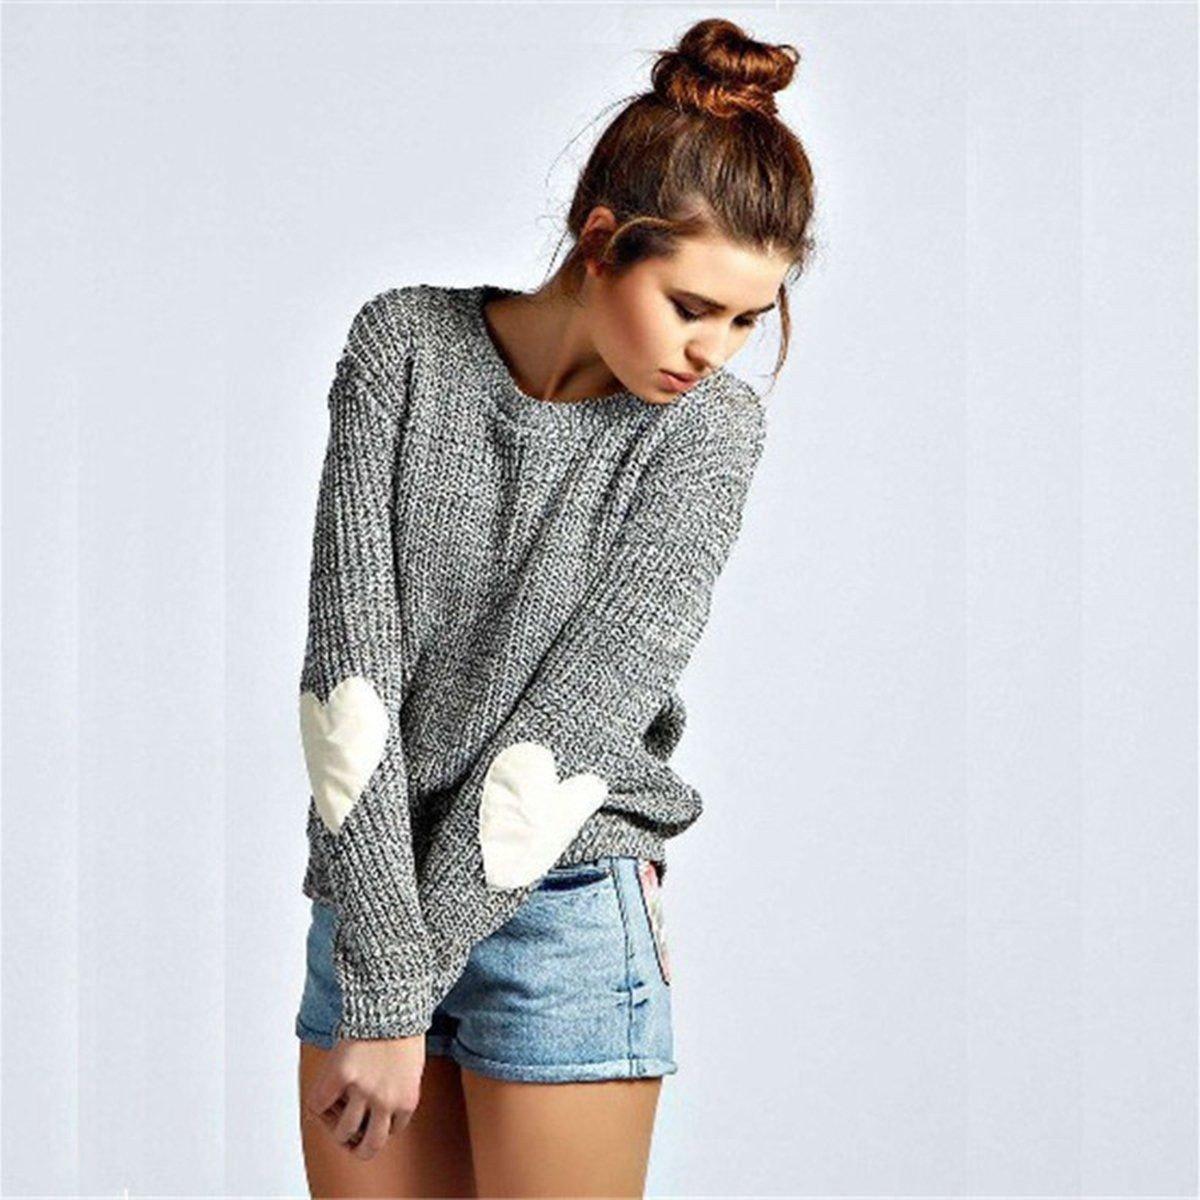 тенденции моды осень зима 2018 2019: серый свитер с сердцами на рукавах